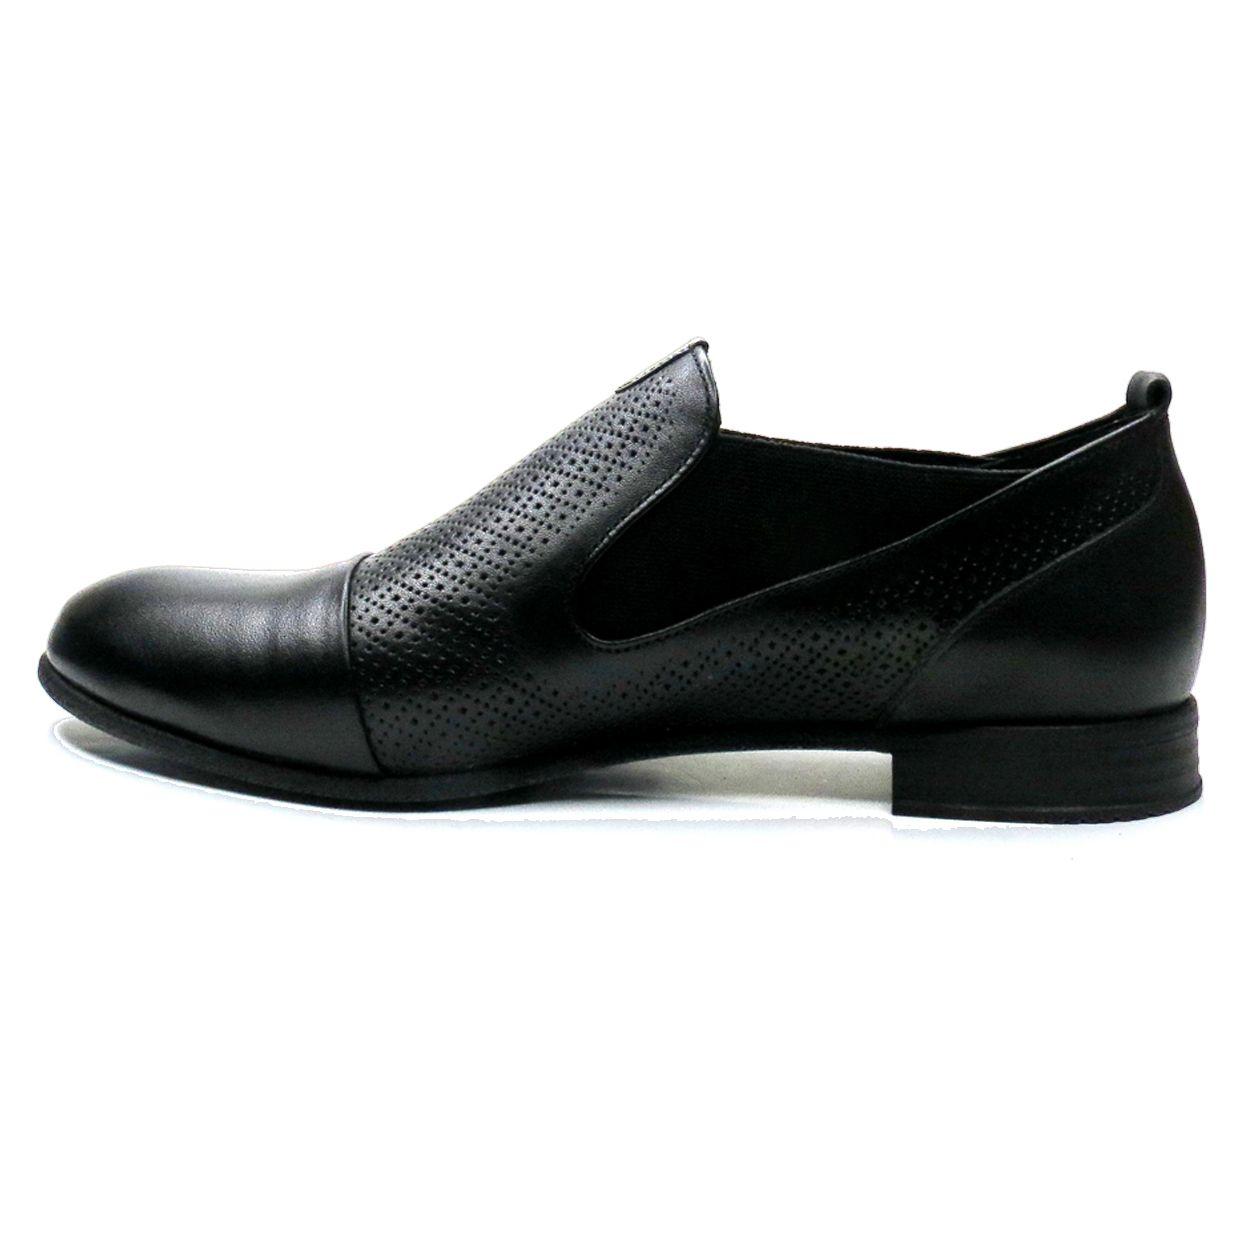 کفش زنانه آر اند دبلیو مدل 611 رنگ مشکی -  - 3